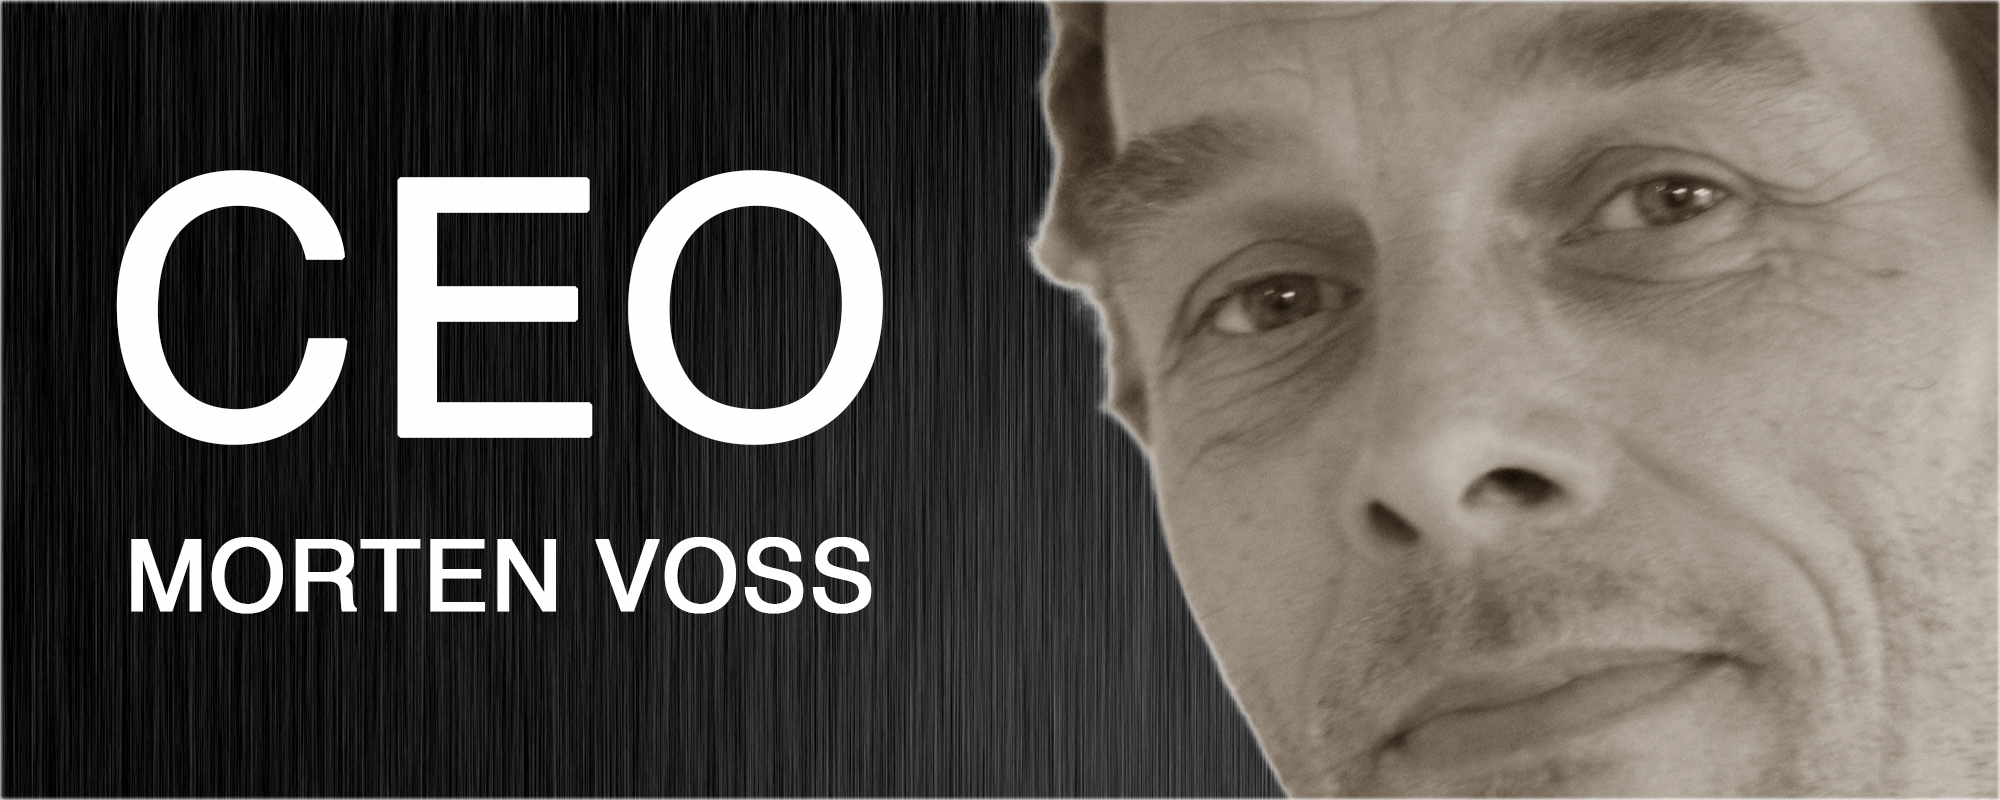 Morten Voss - Direktør hos Voss Guitars